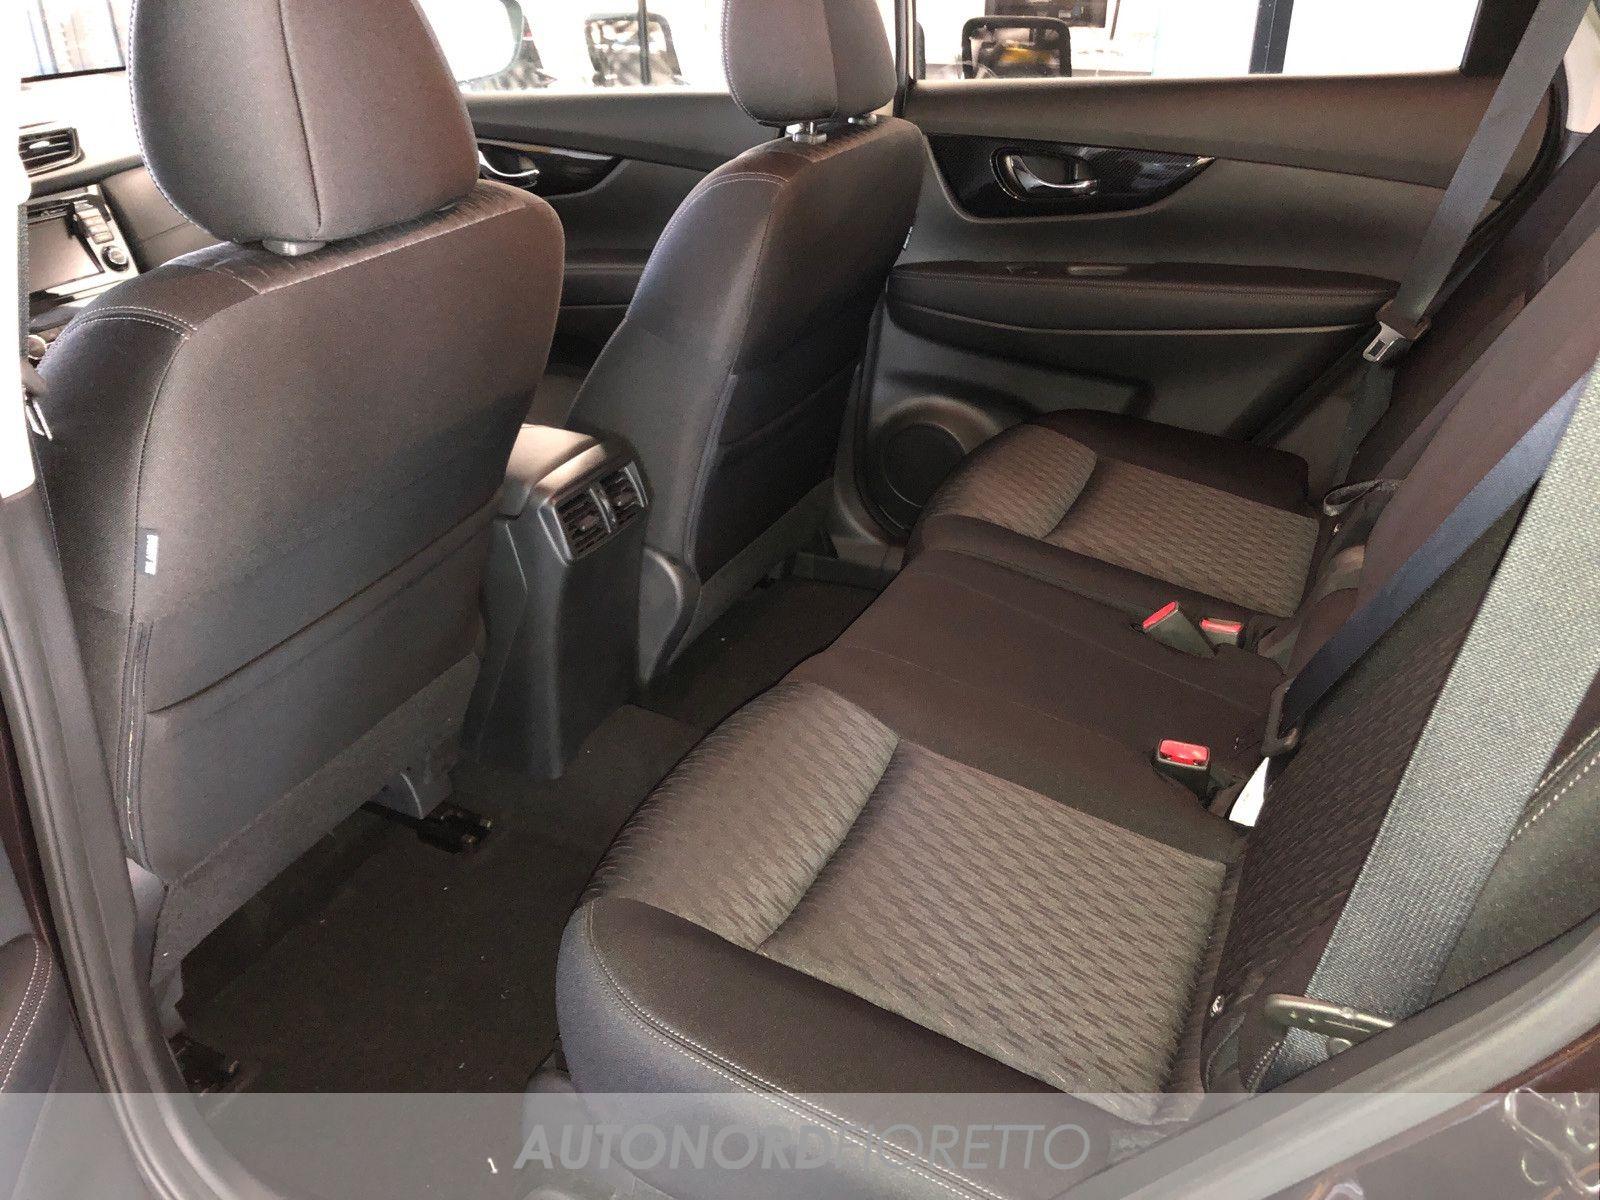 AUTONORD Nissan X-Trail